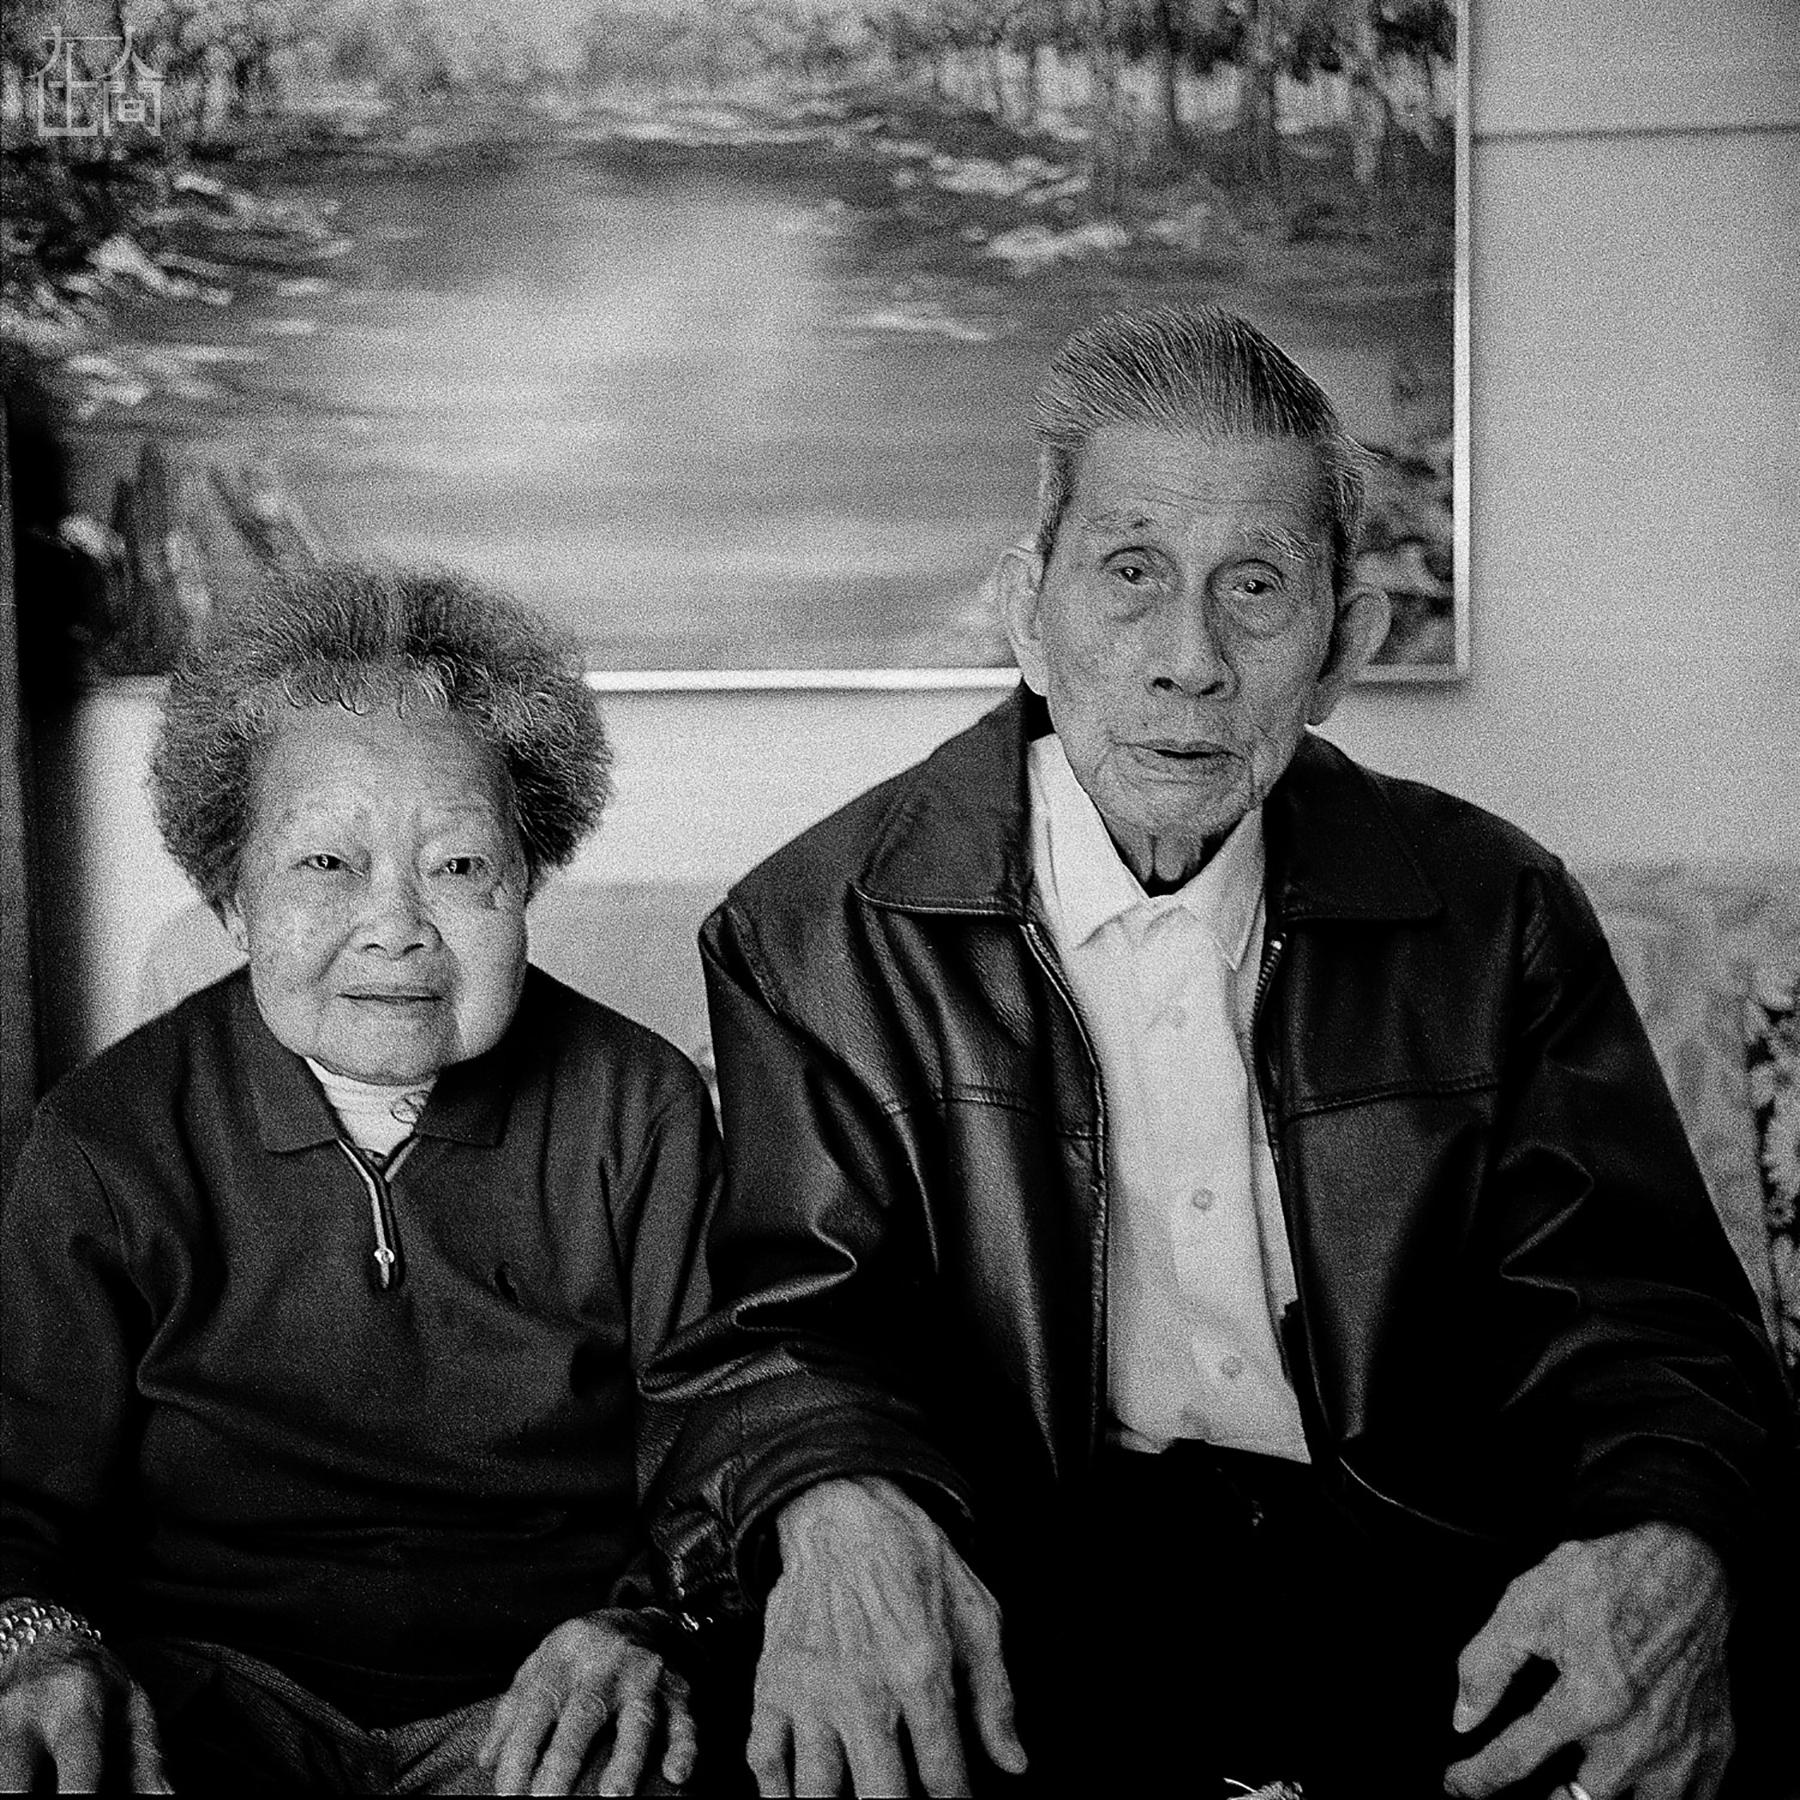 在人间 | 爷爷在纽约唐人街老去,我用镜头记录下他人生的最后时光